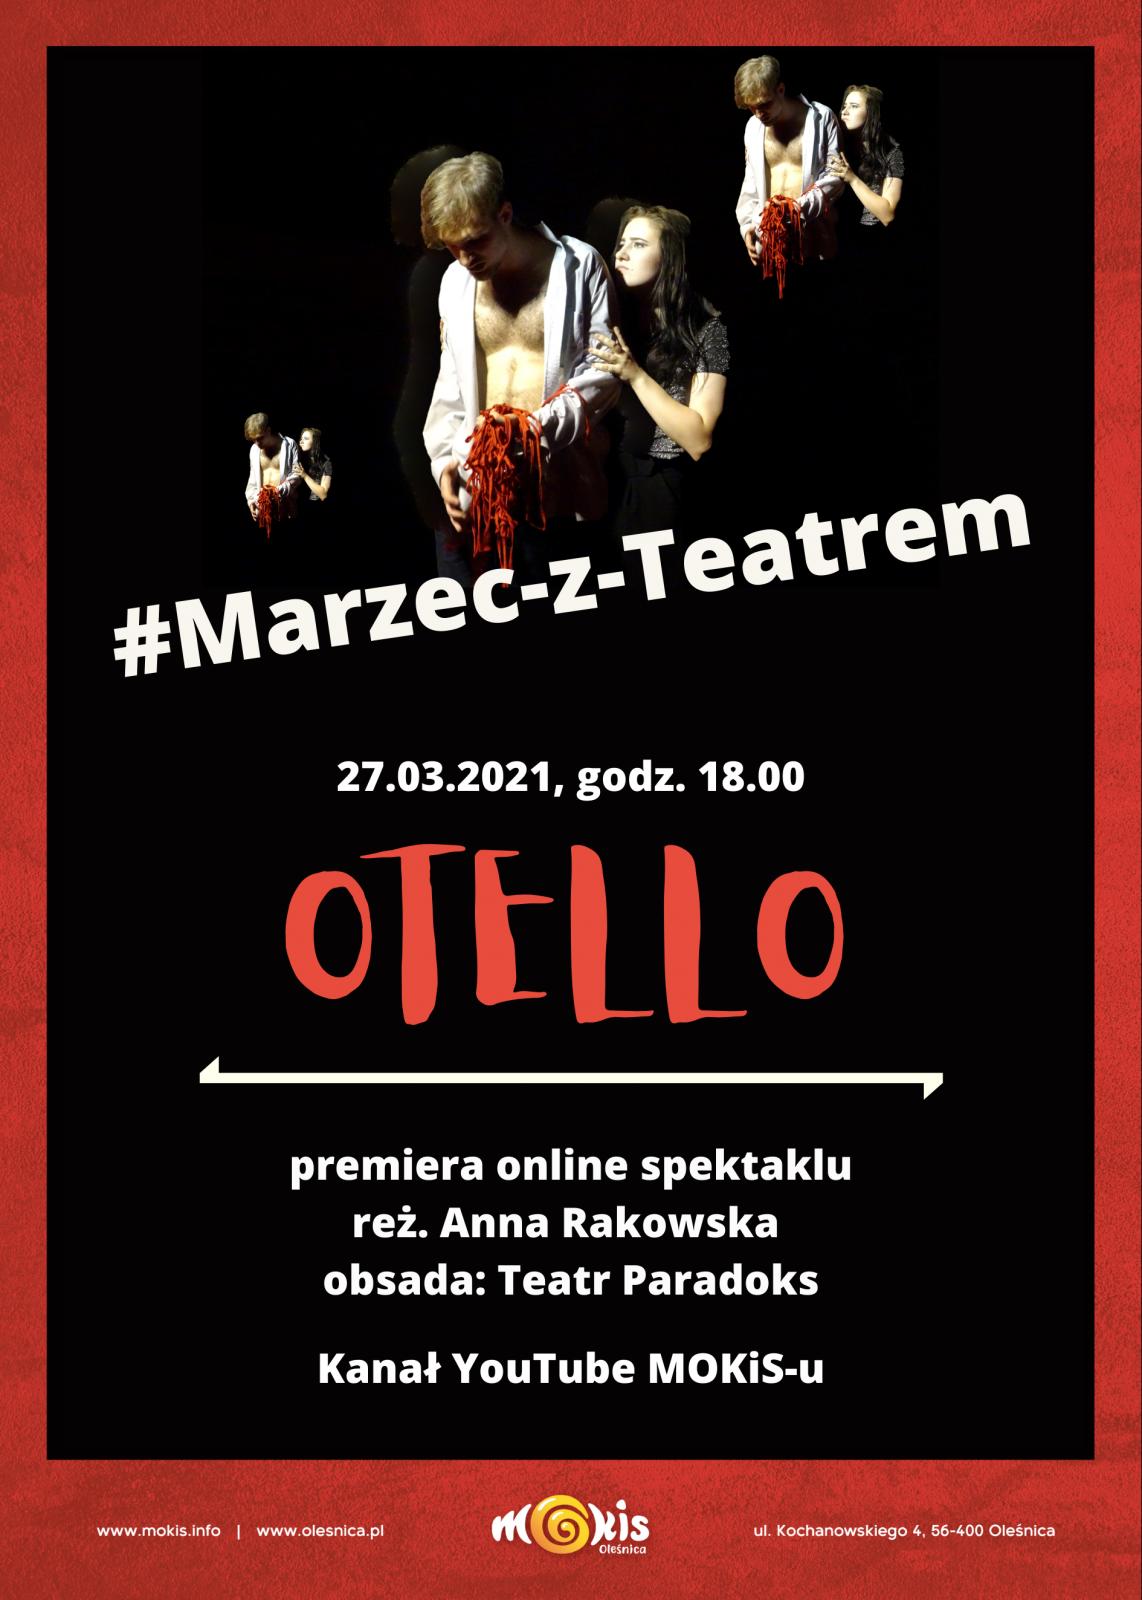 Otello marzec